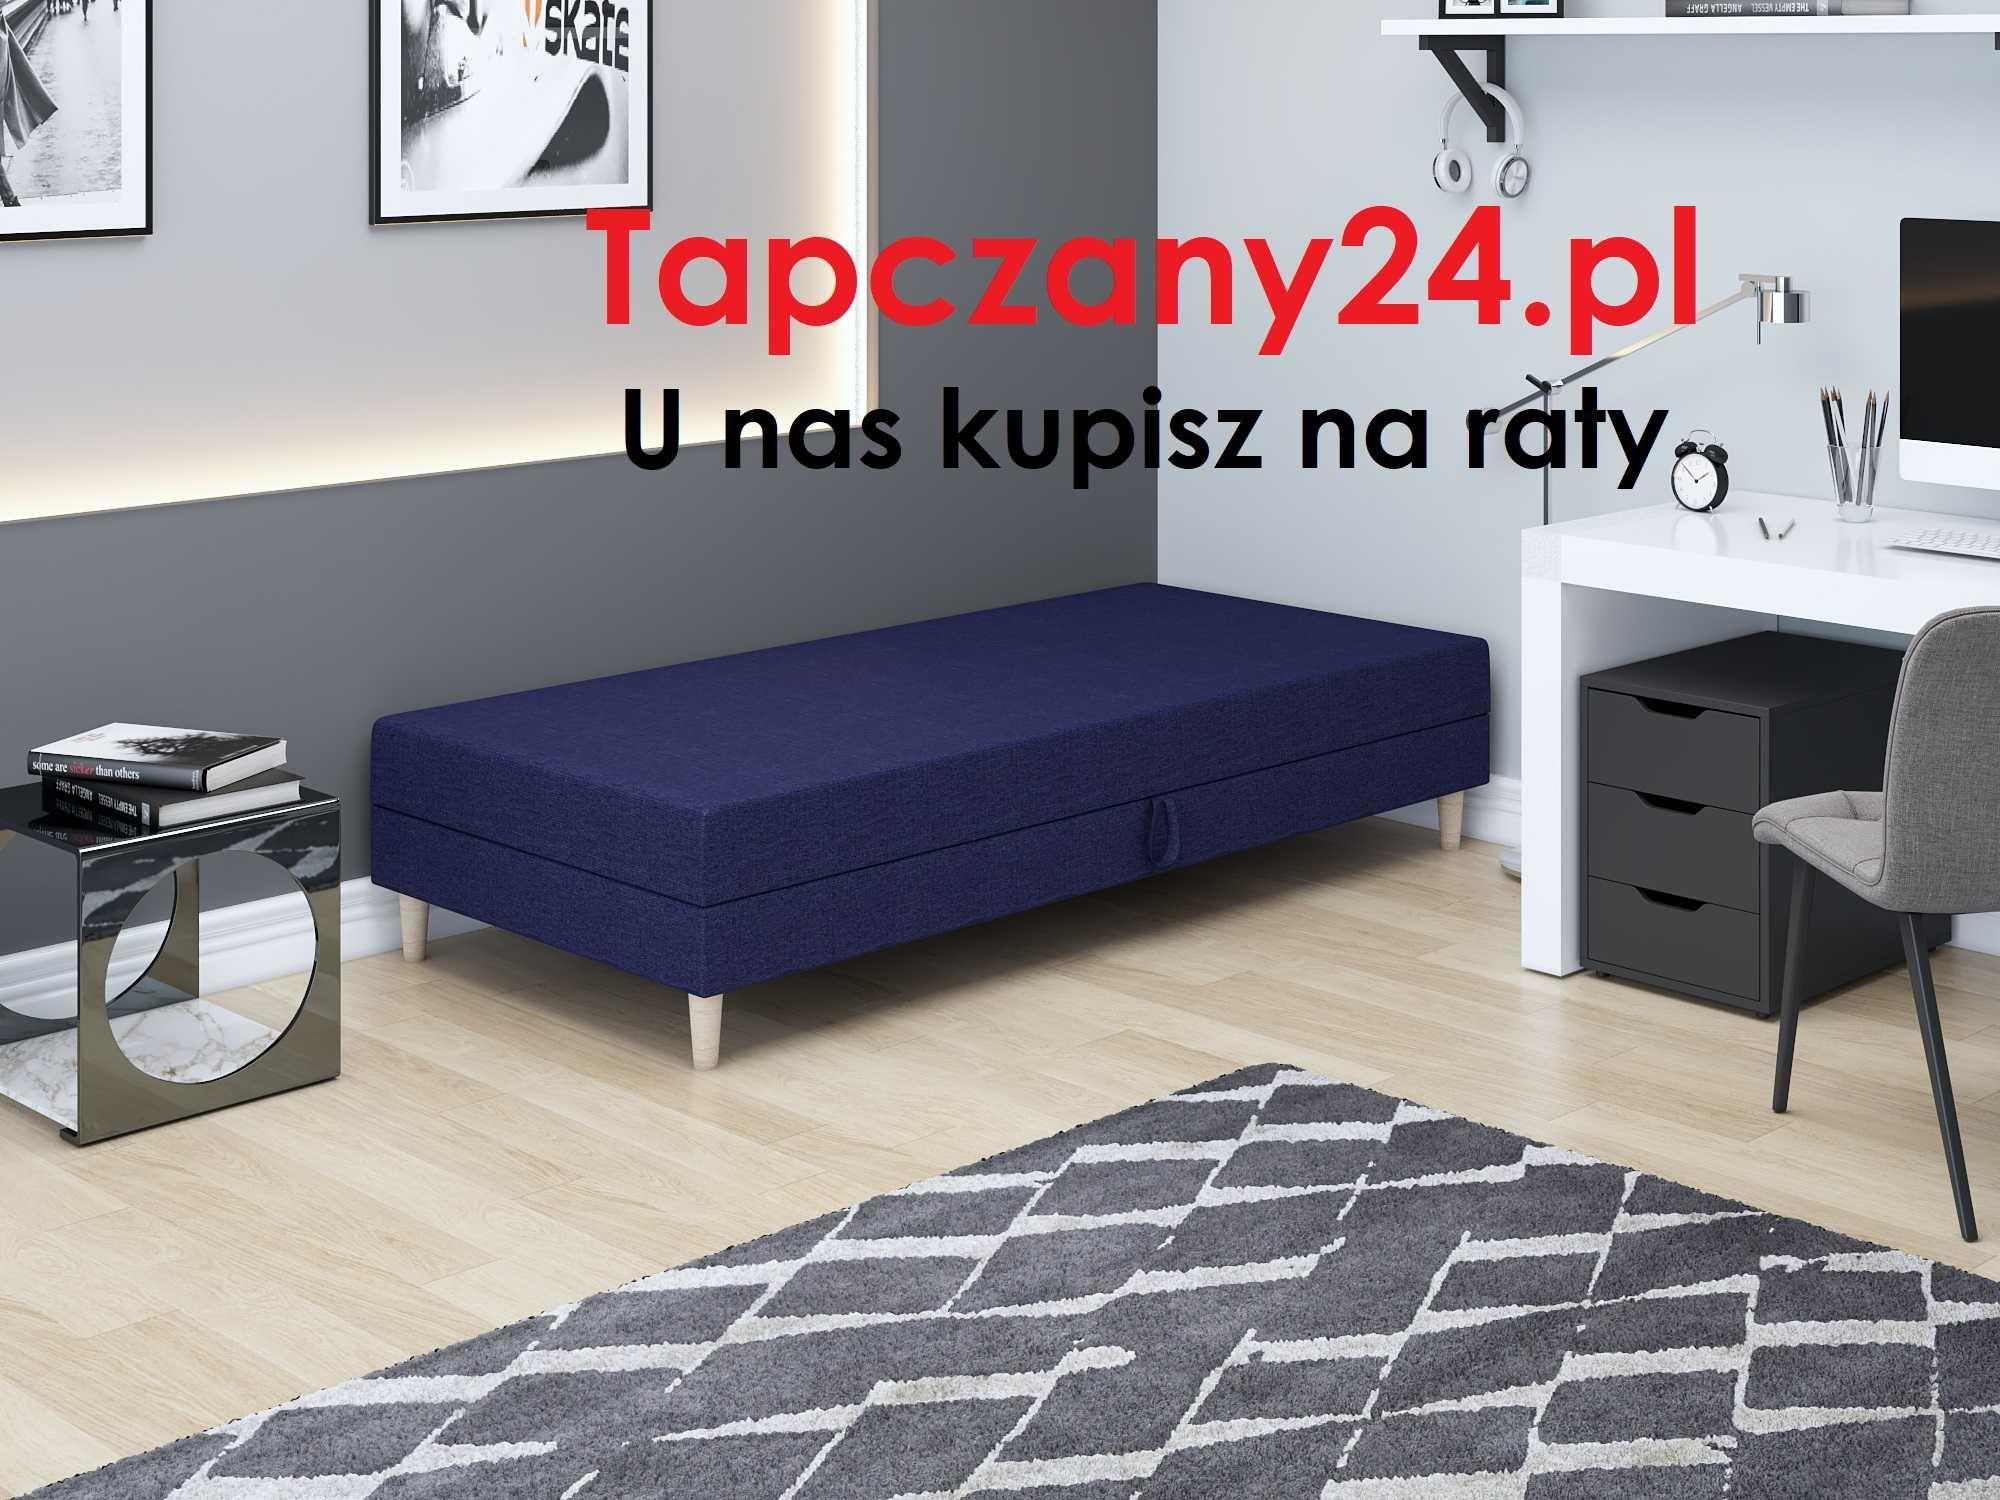 Łóżko jednoosobowe młodzieżowe skandynawskie +pojemnik/materac